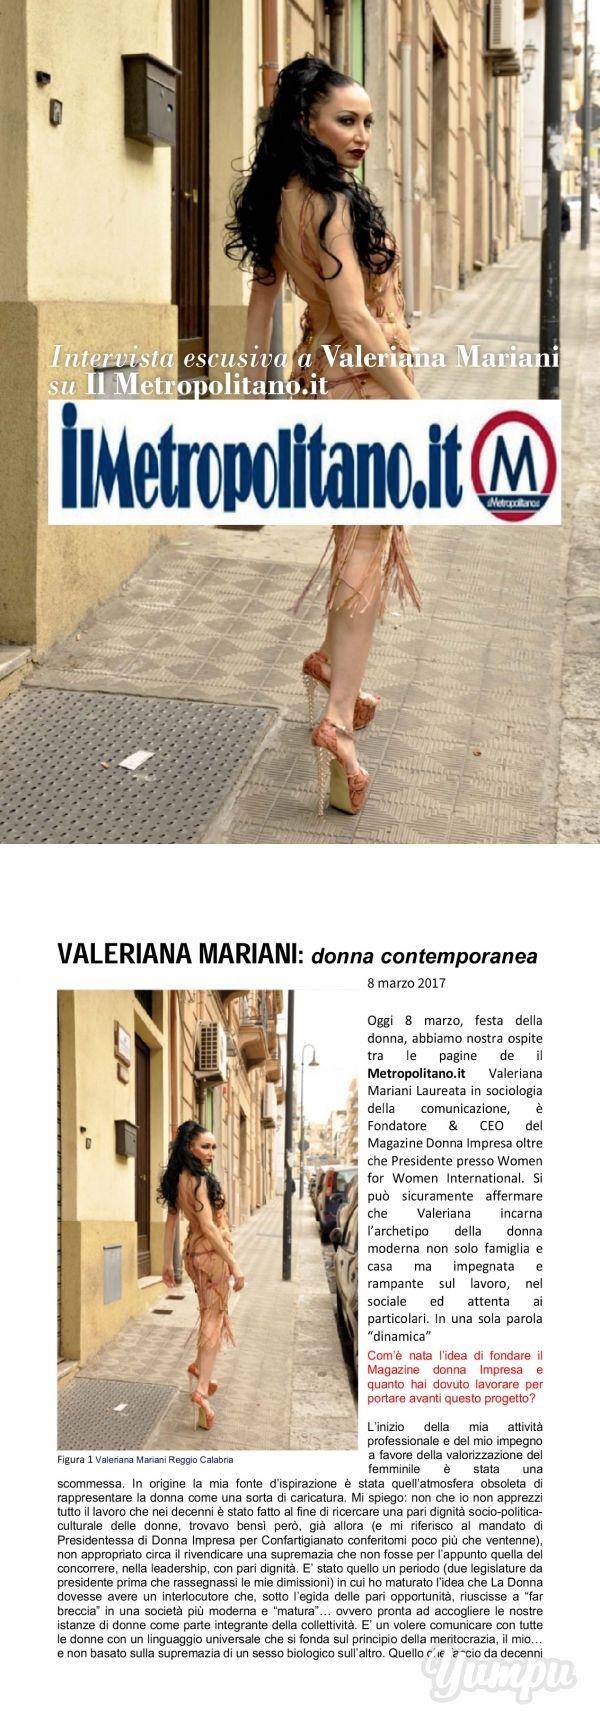 Valeriana Mariani Donna Contemporanea by il metropolitano.it - Magazine with 4 pages: INTERVISTA A VALERIANA MARIANI PRESIDENTE DONNA IMPRESA MAGAZINE SU IL METROPOLITANO http://www.ilmetropolitano.it/2017/03/08/valeriana-mariani-donna-contemporanea/